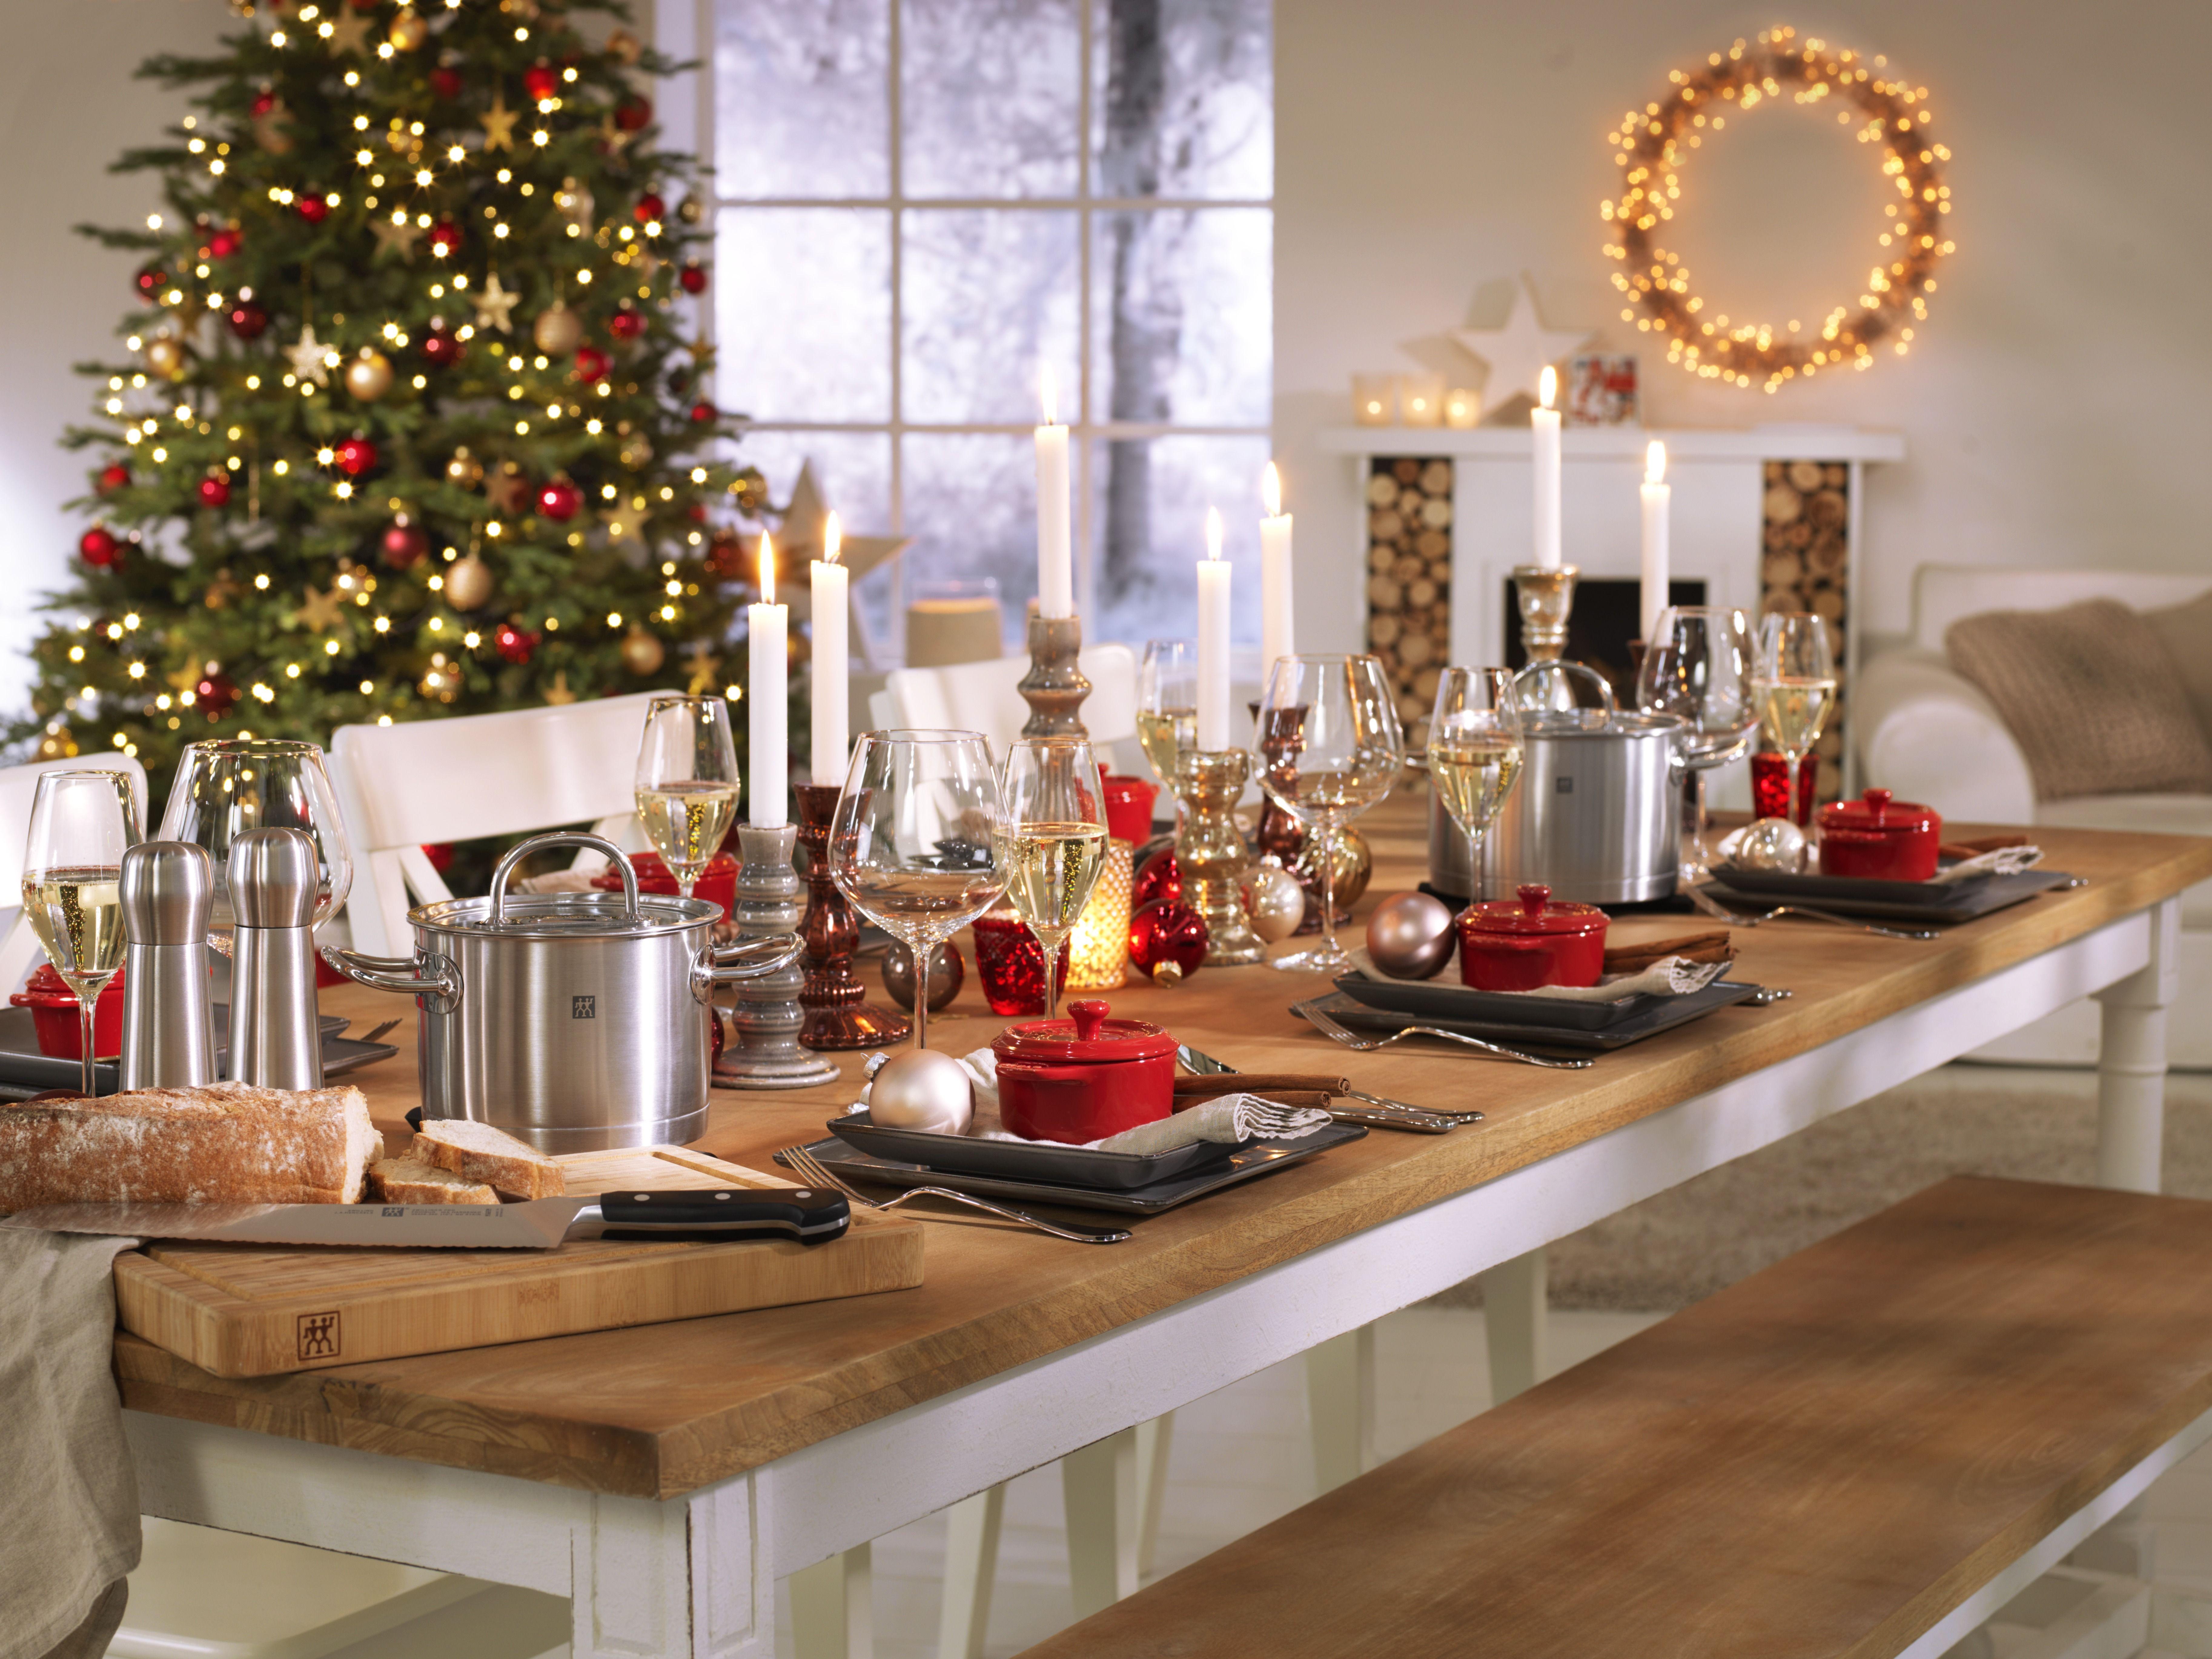 Zwilling Küchenhelfer ~ Zwilling weihnachtstafel tischdeko zu weihnachten